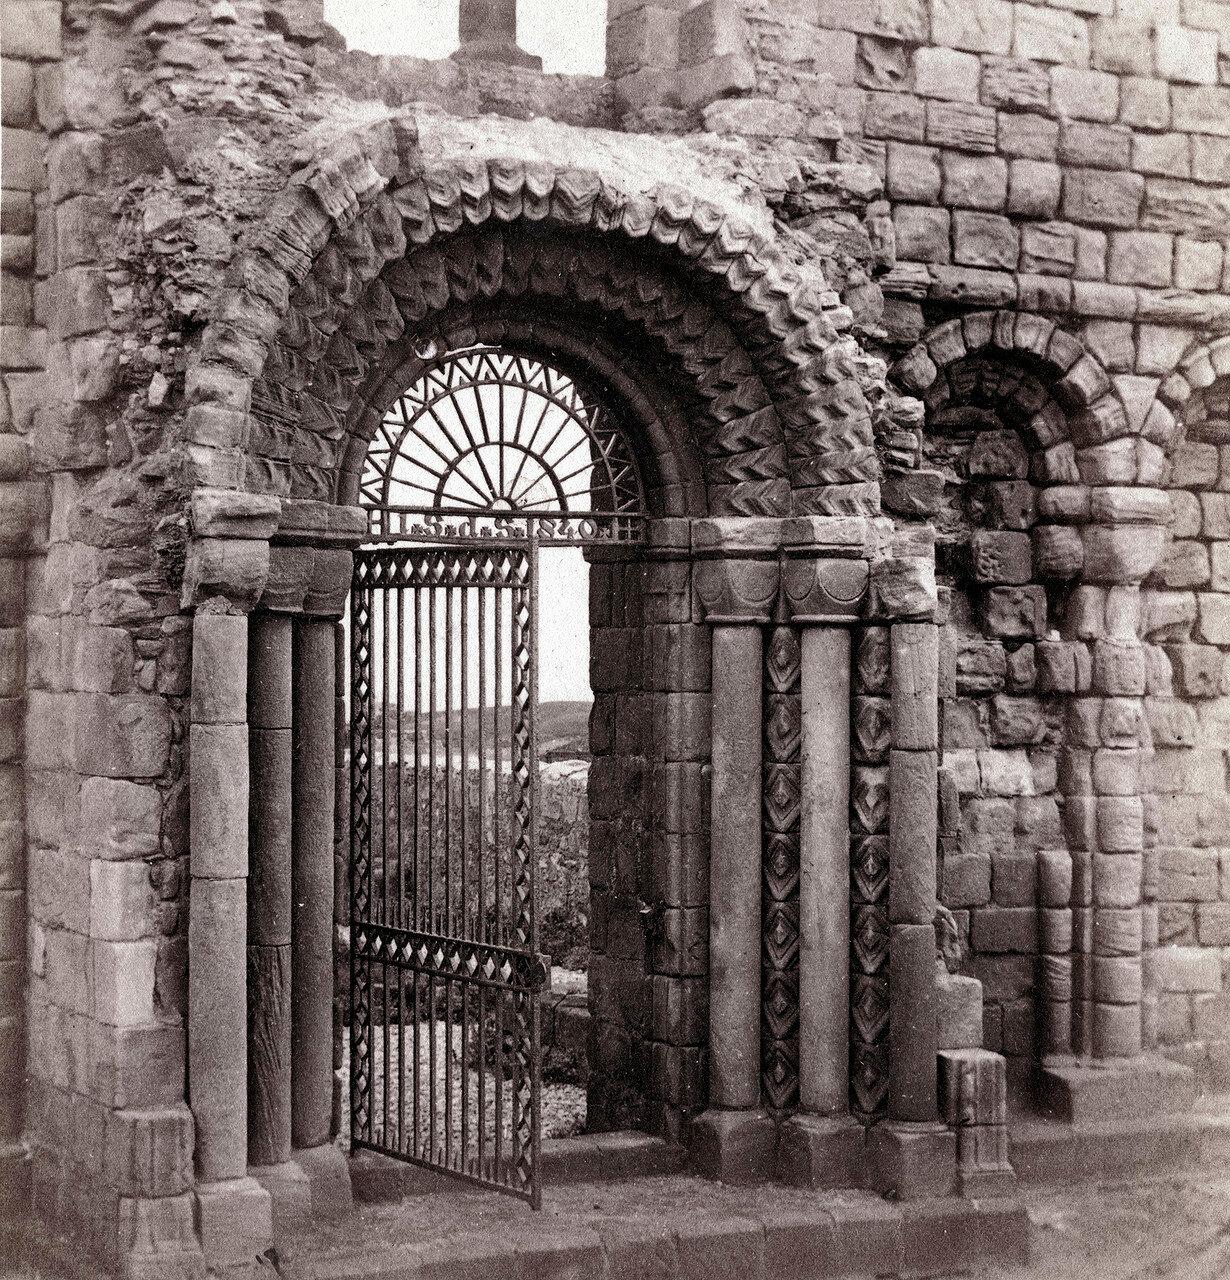 Линдисфарнский замок, Норманская арка. Великобритания, 1864